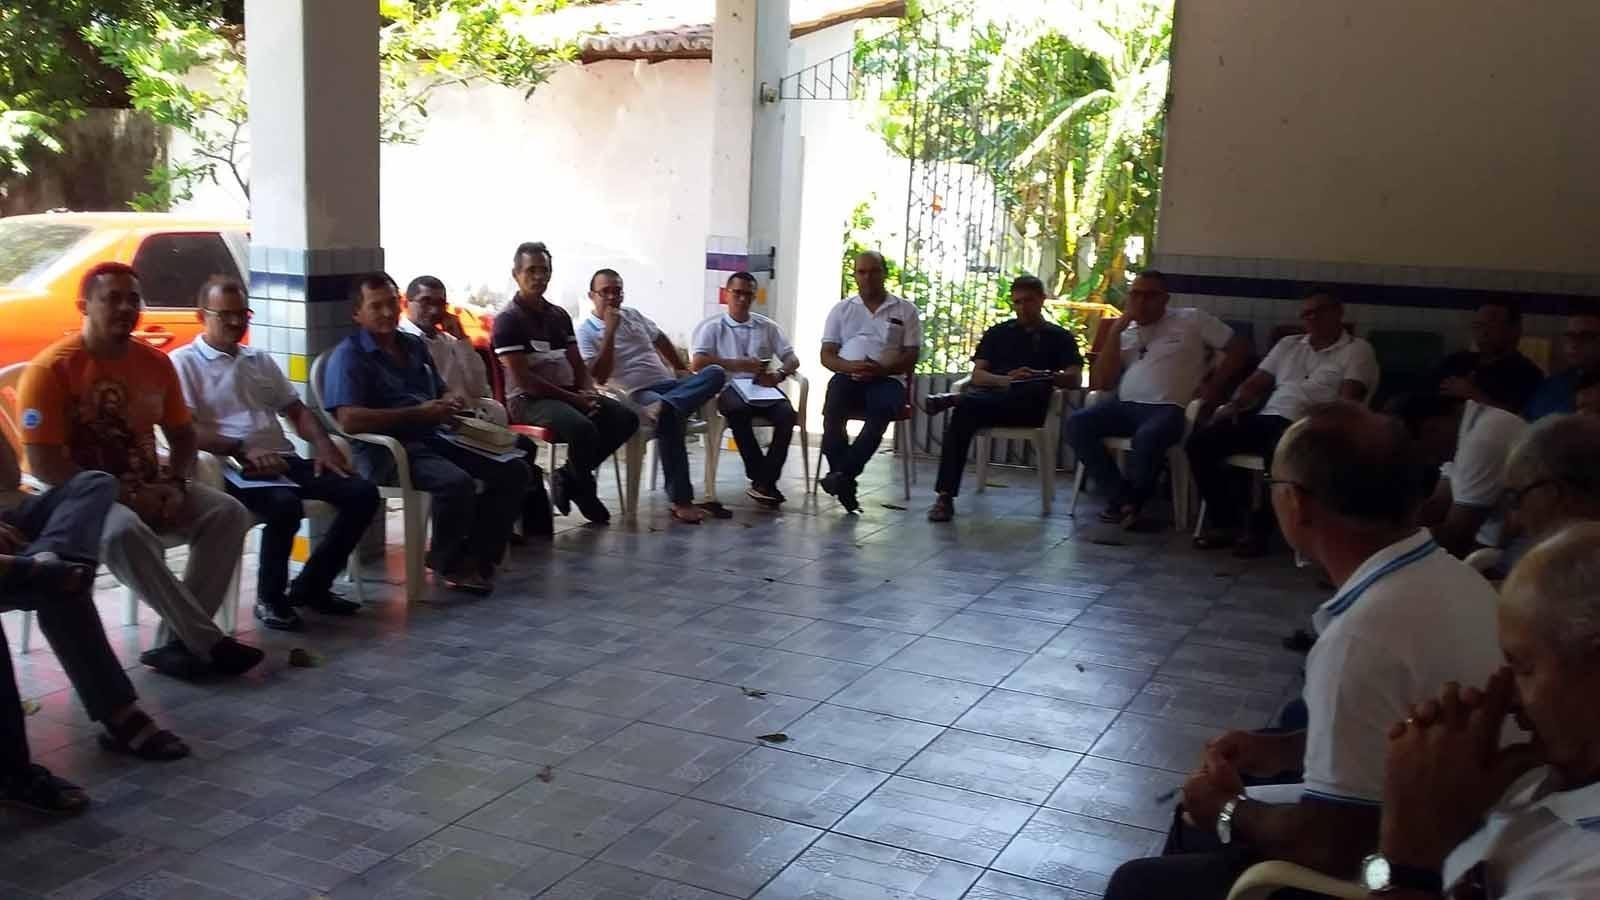 Candidatos da Diocese de Parnaíba (PI) recebem homenagem em vídeo